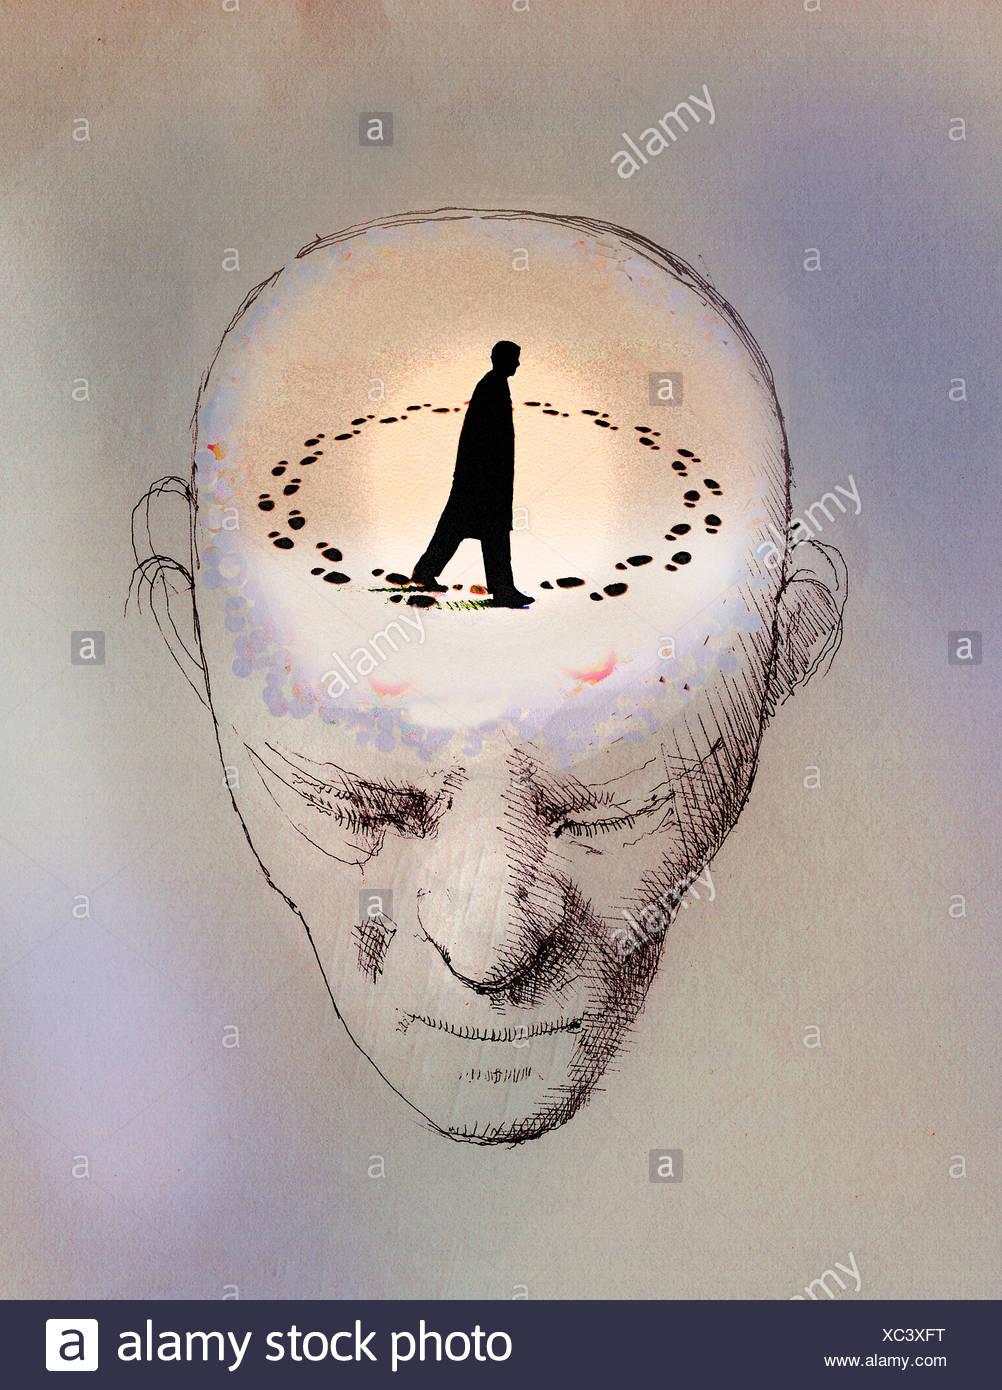 Ängstliche Menschen im Kreise in Kopf Stockbild